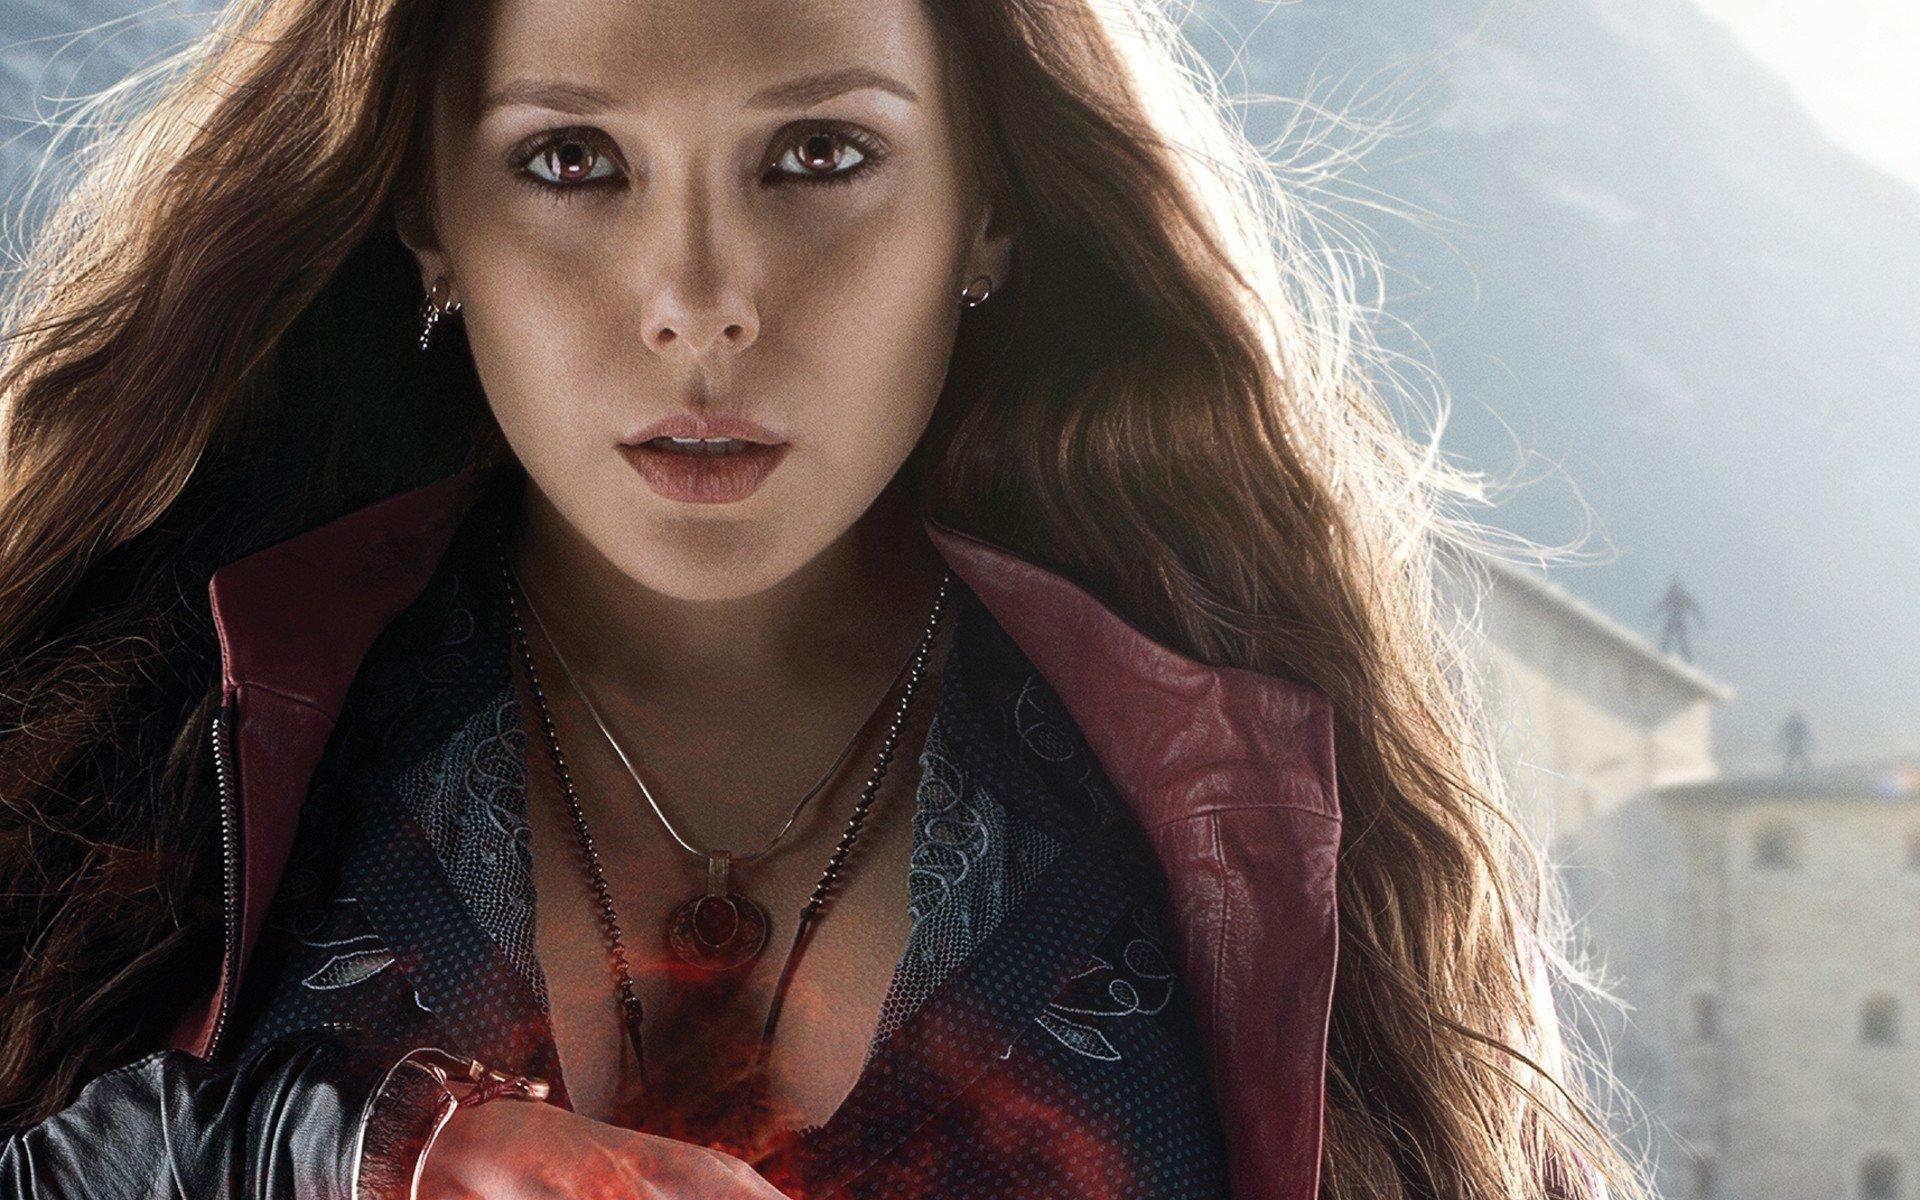 Avengers Age Of Ultron Elizabeth Olsen Scarlet Witch Hd